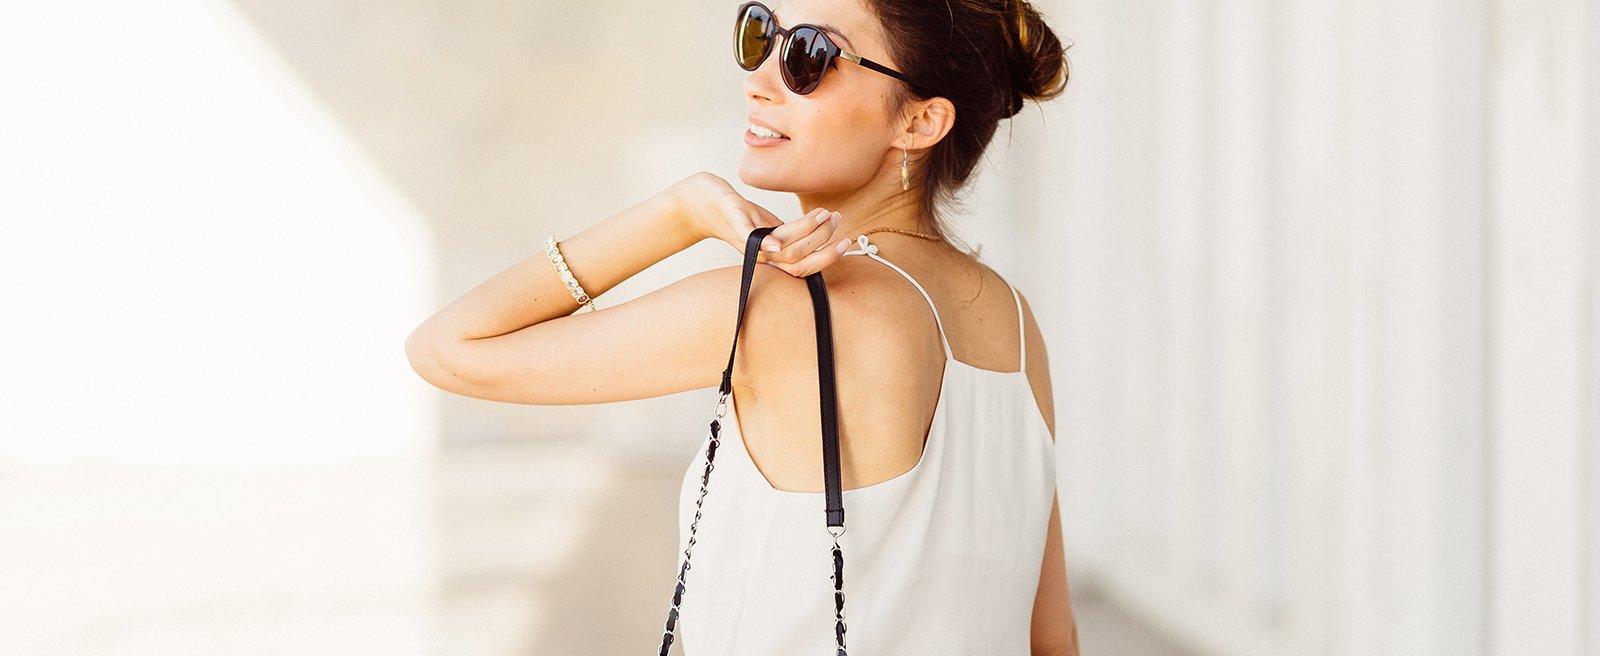 Boutique Keystone - L'Usine Mode & Maison